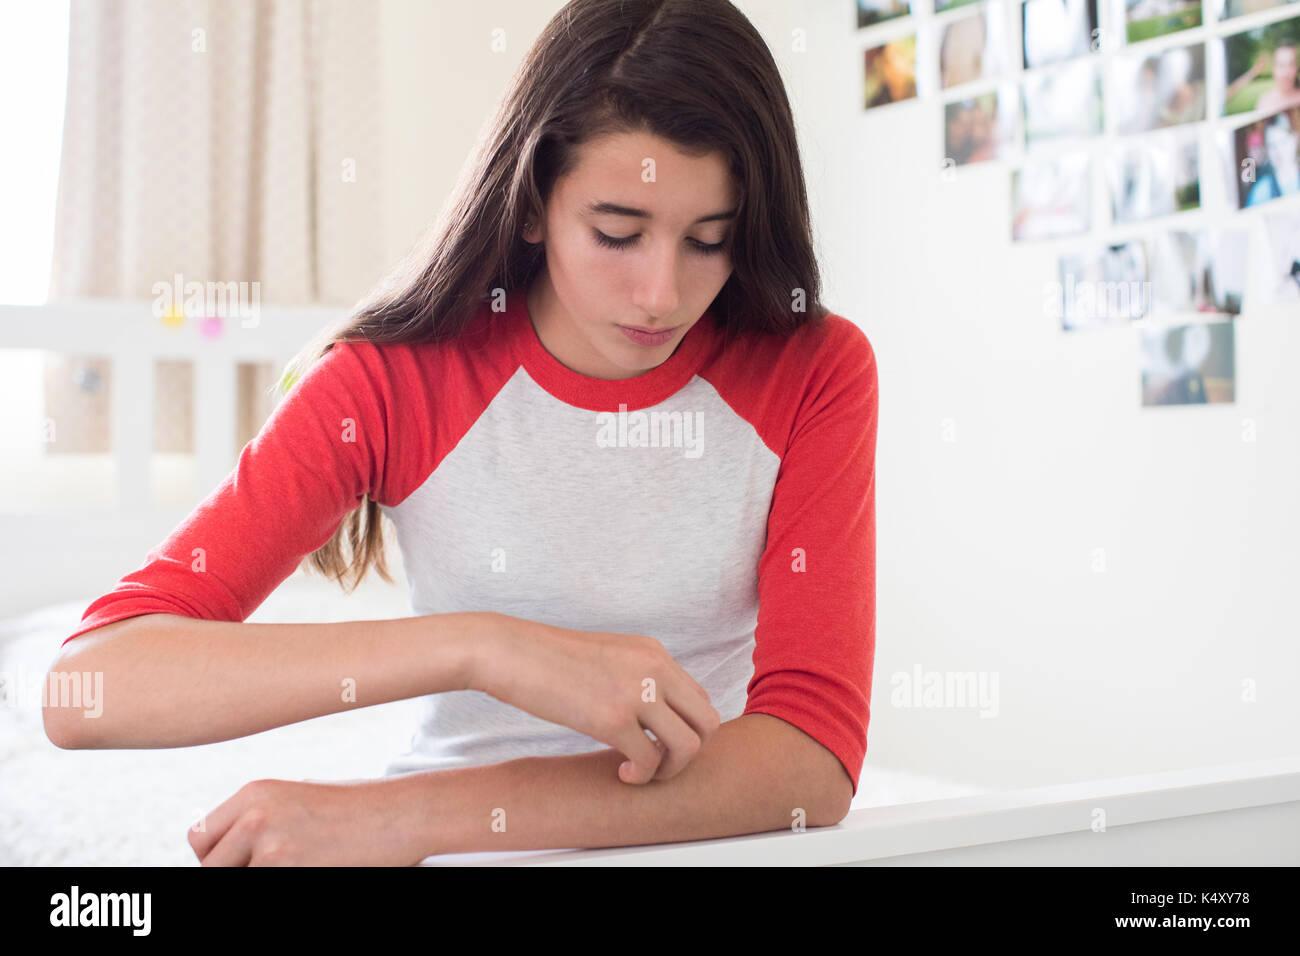 Junges Mädchen sitzen im Schlafzimmer Kratzen Arm Stockbild